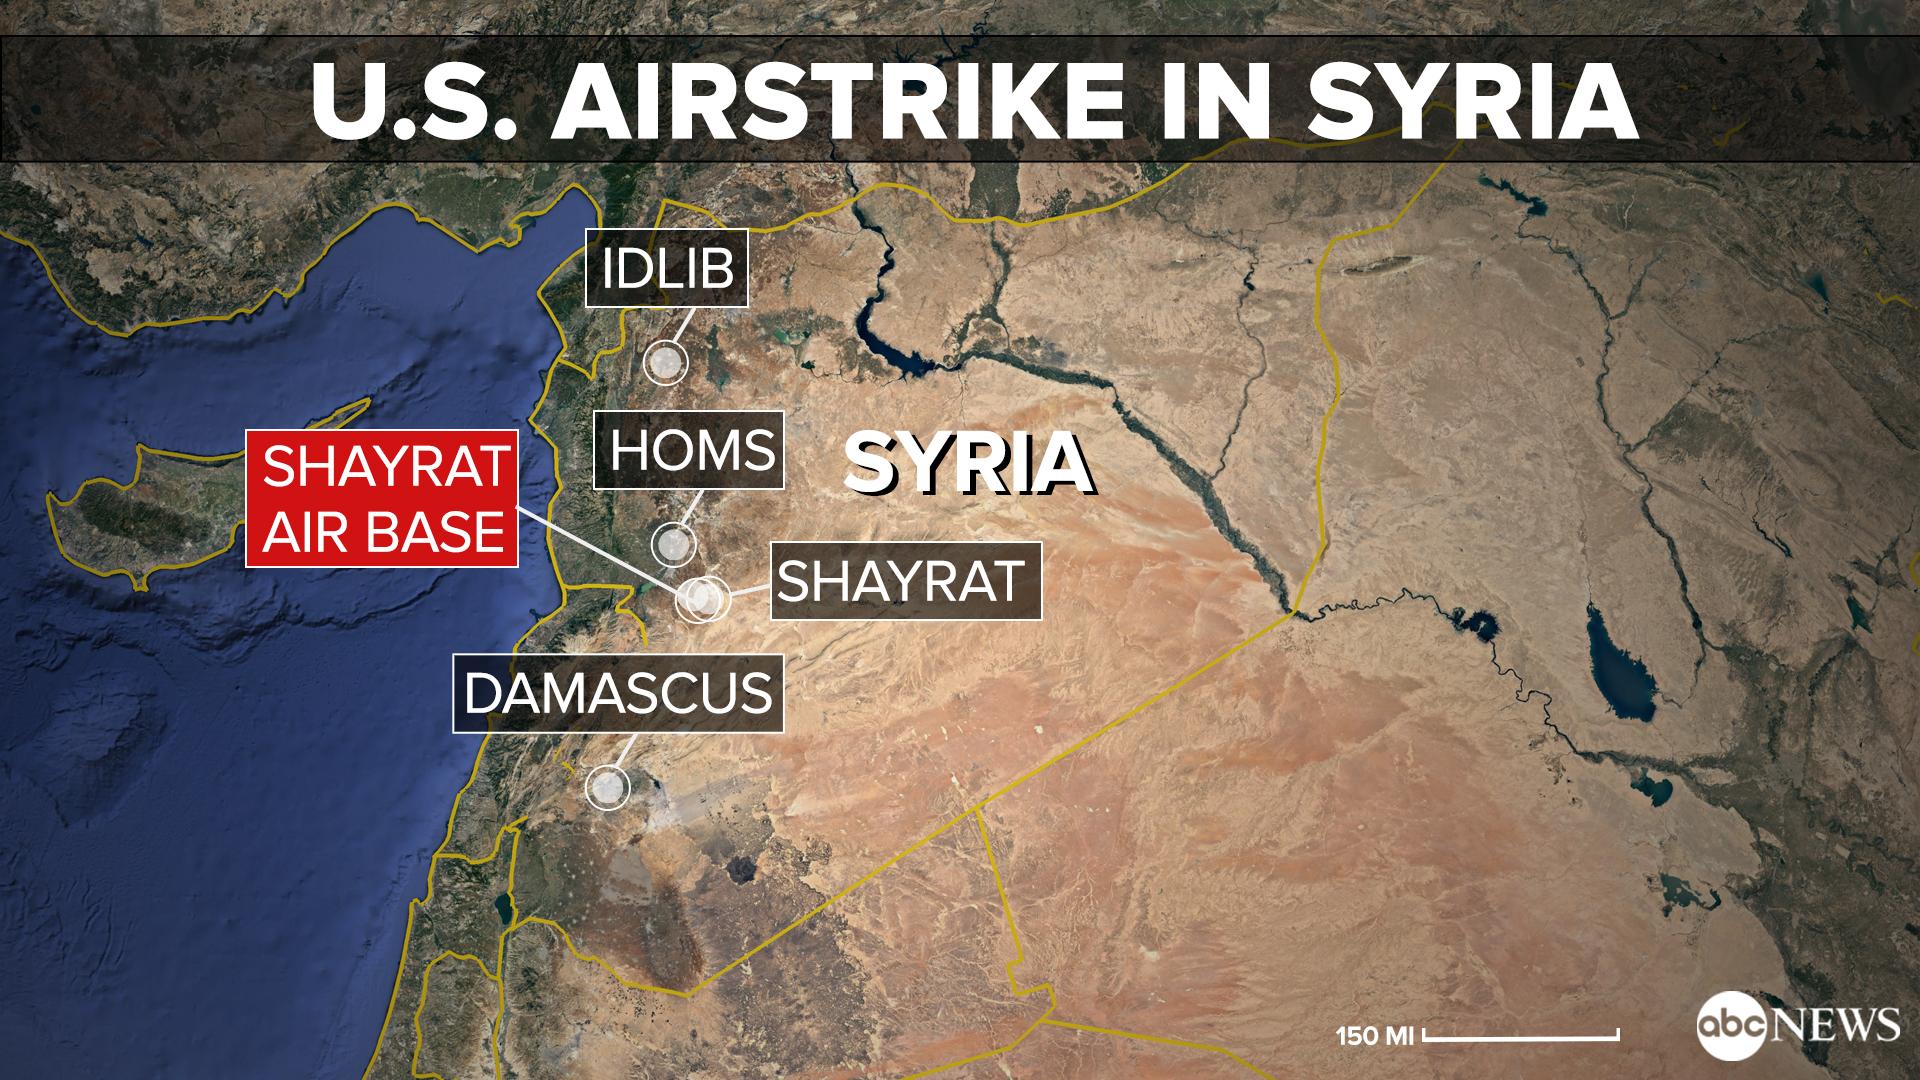 حمله آمریکا، بریتانیا و فرانسه به سوریه/ شلیک بیش از 100 موشک